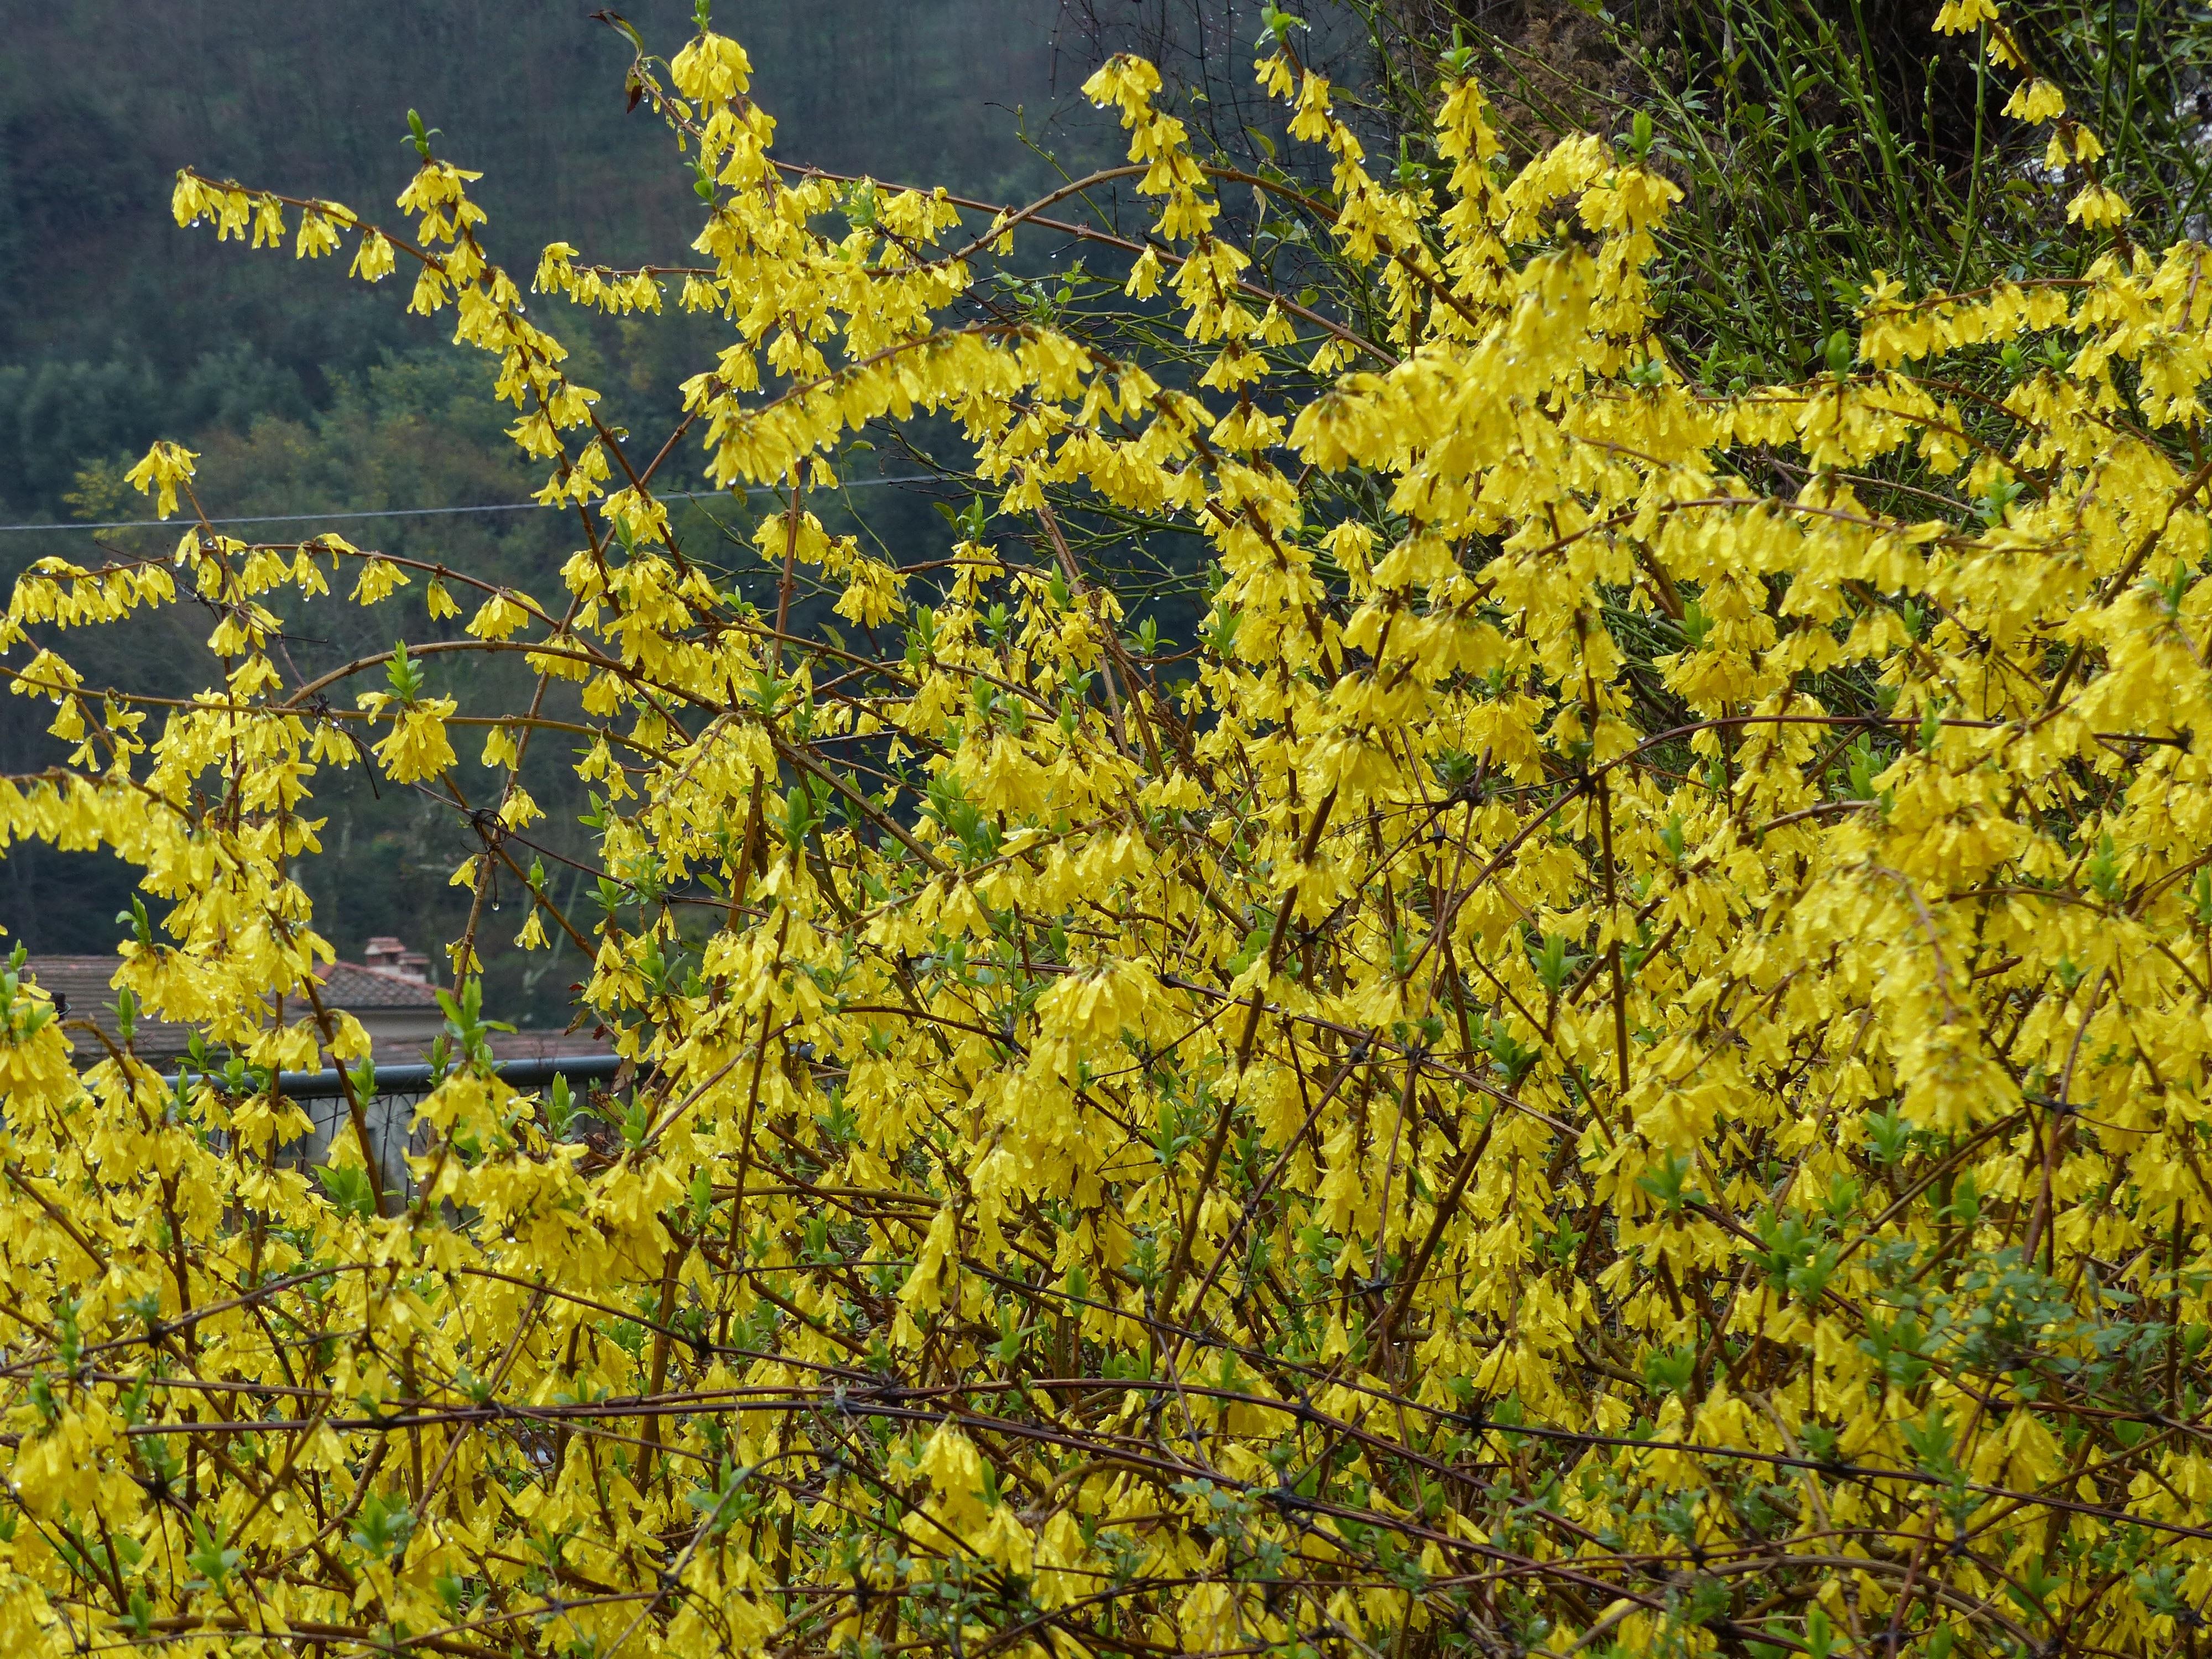 Yellow Flowers Bella Bagni Di Lucca